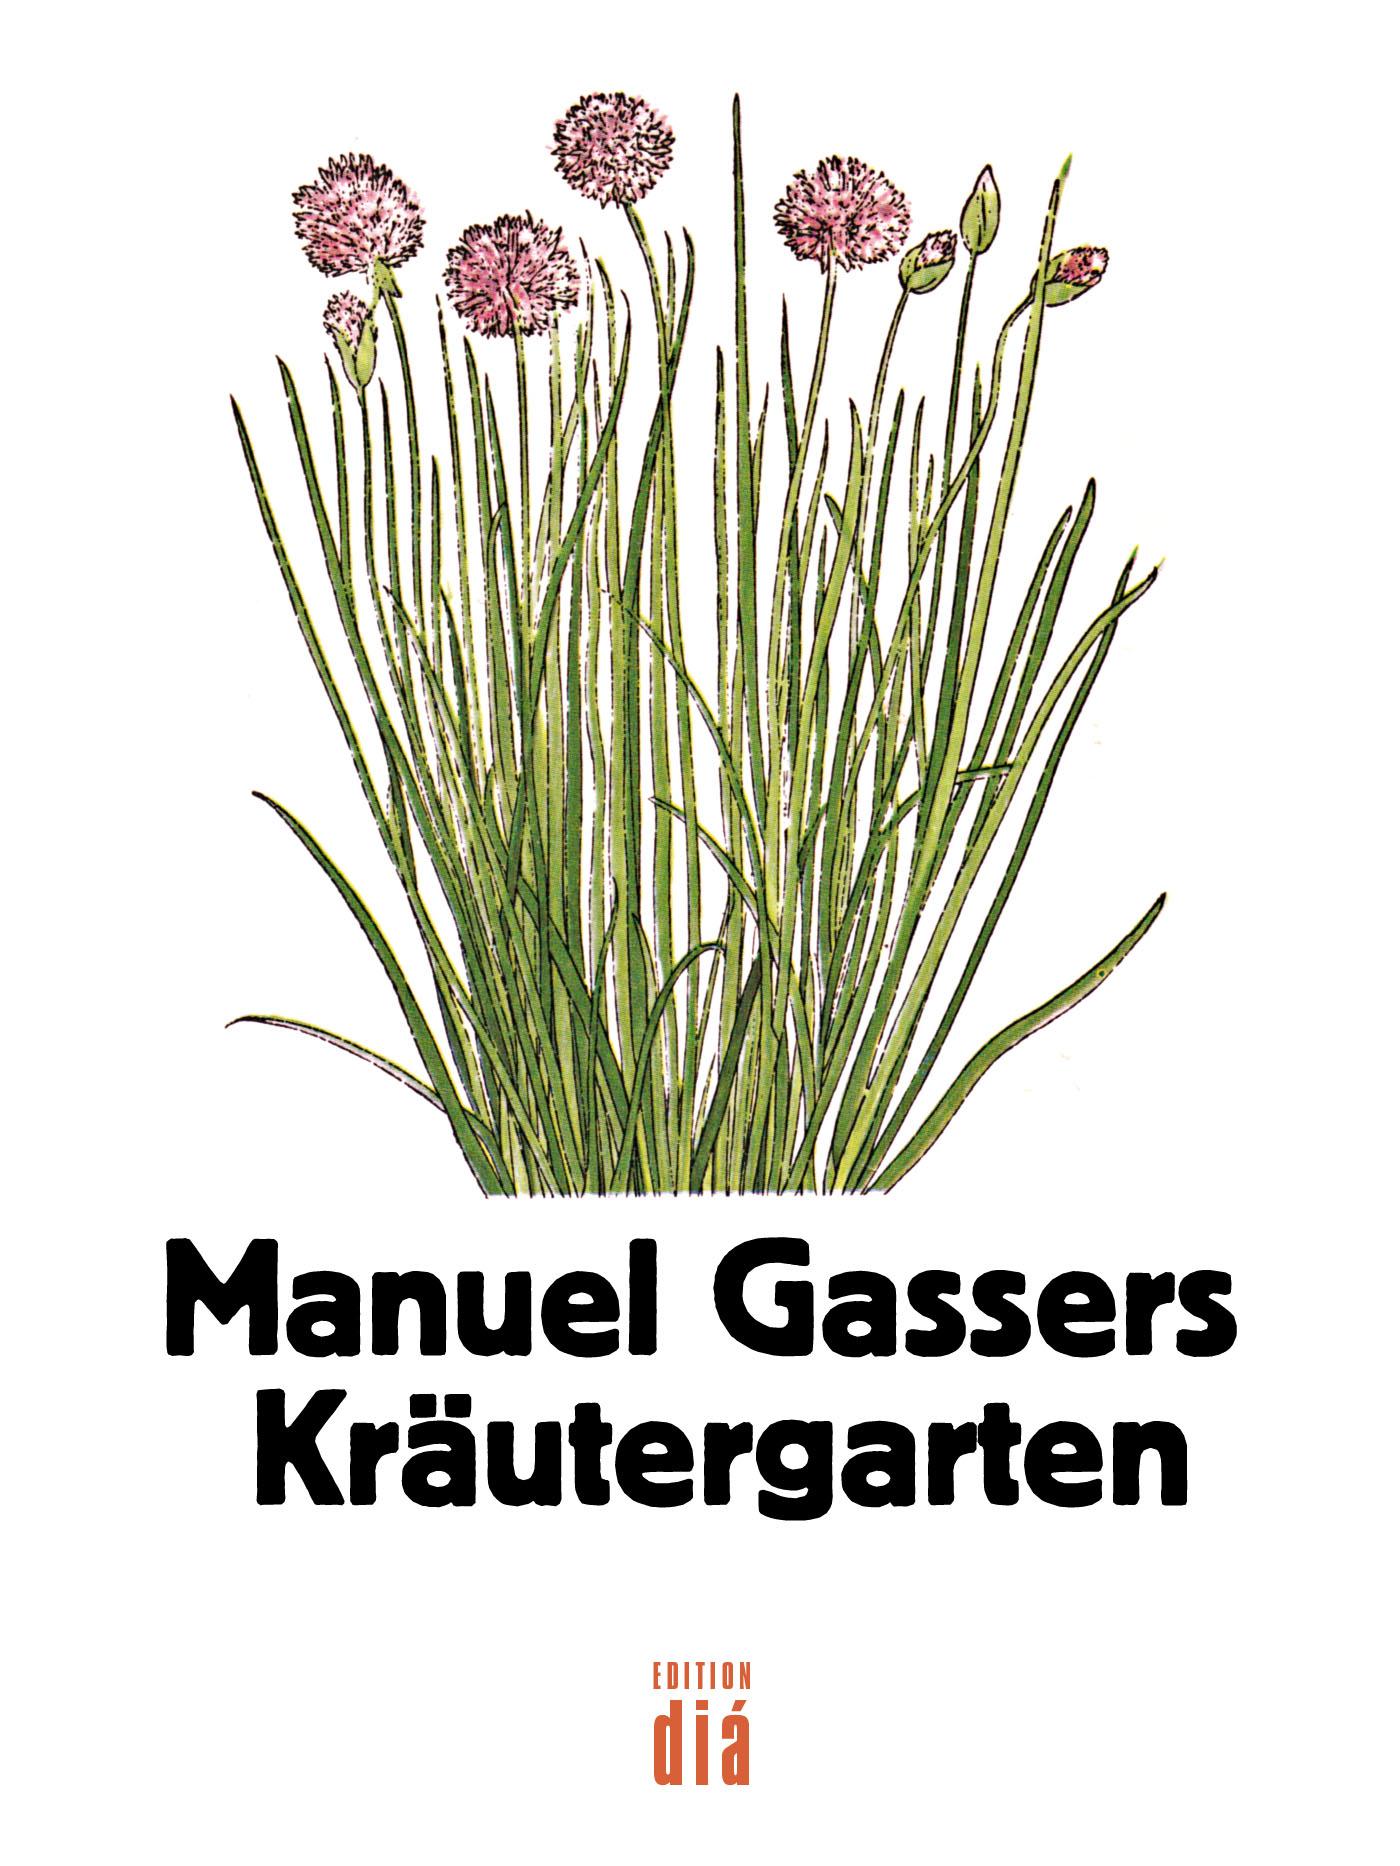 Manuel Gasser Manuel Gassers Kräutergarten